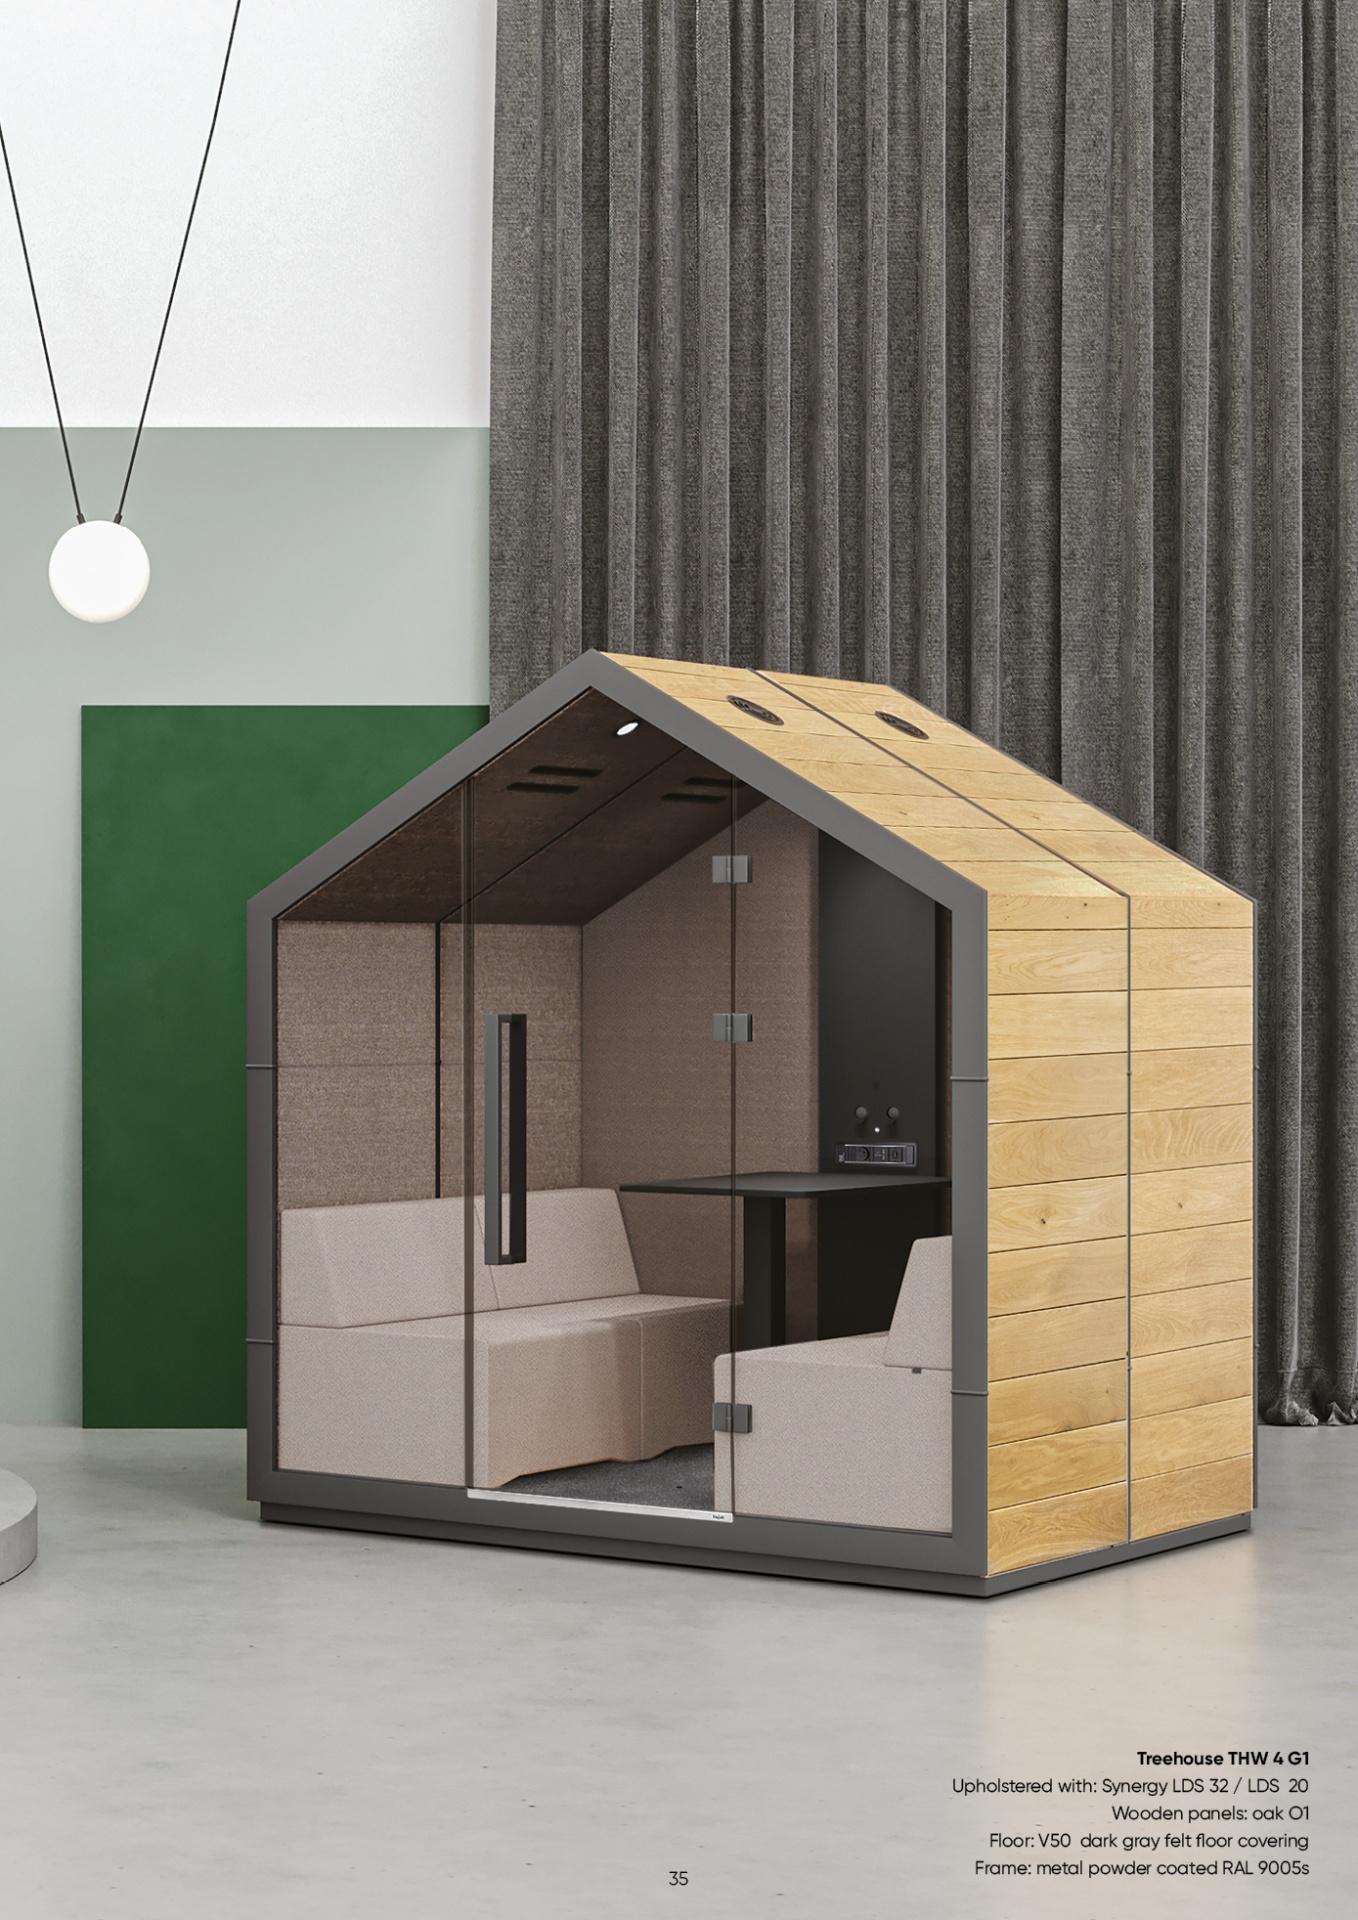 treehouse-catalogue-35.jpg